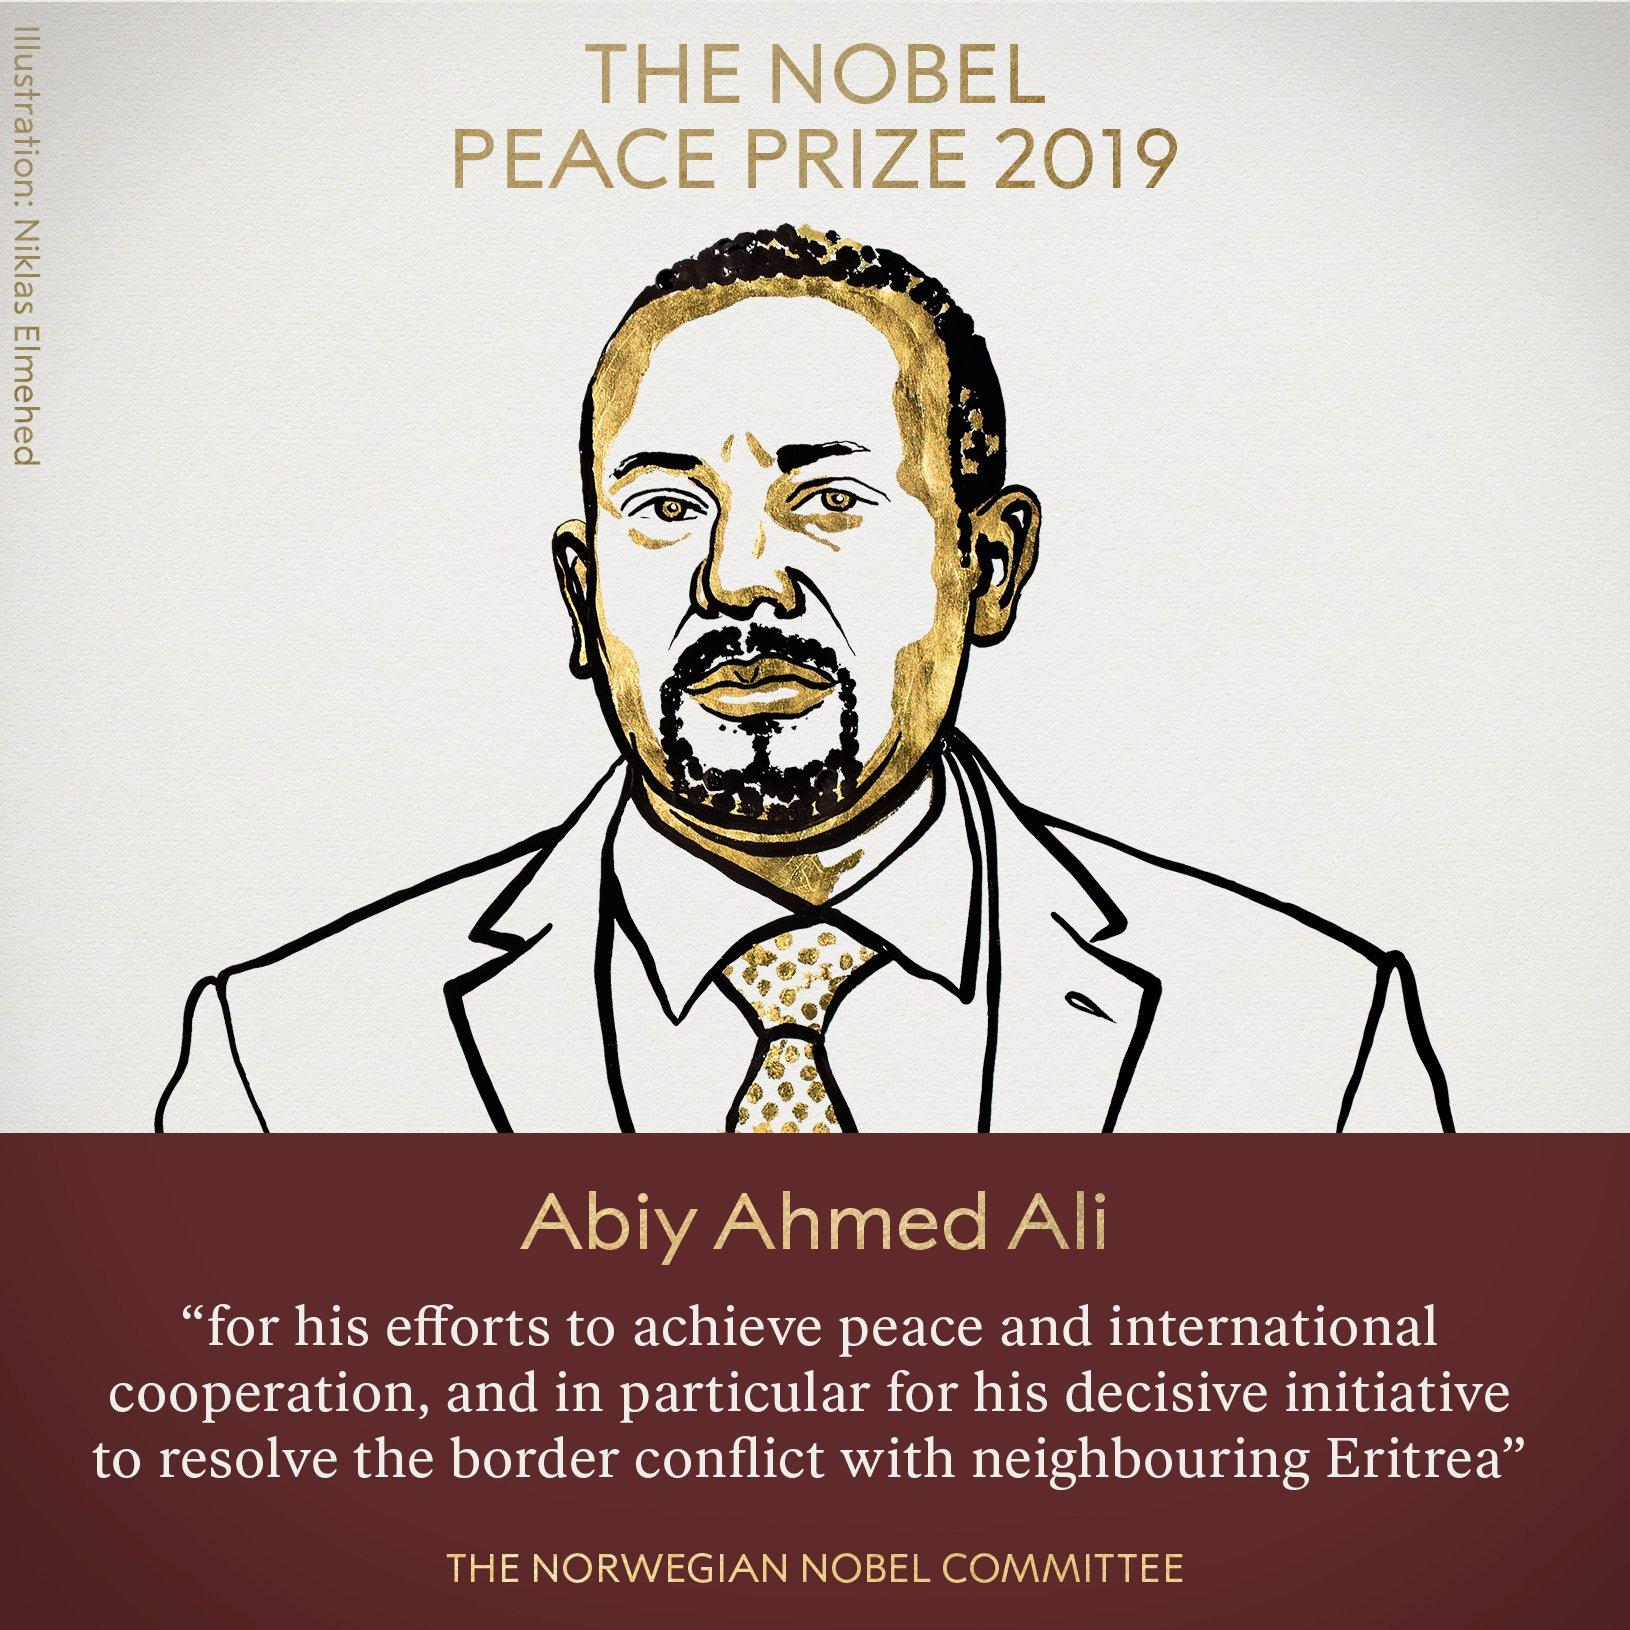 据诺贝尔奖官方网站最新消息,北京时间10月11日17时许,挪威诺贝尔委员会宣布,将2019年诺贝尔和平奖授予埃塞俄比亚总理阿比•艾哈迈德•阿里,以表彰他为和平和国际合作所做的努力,尤其是他为解决与邻国厄立特里亚的边界冲突所采取的果断行动。